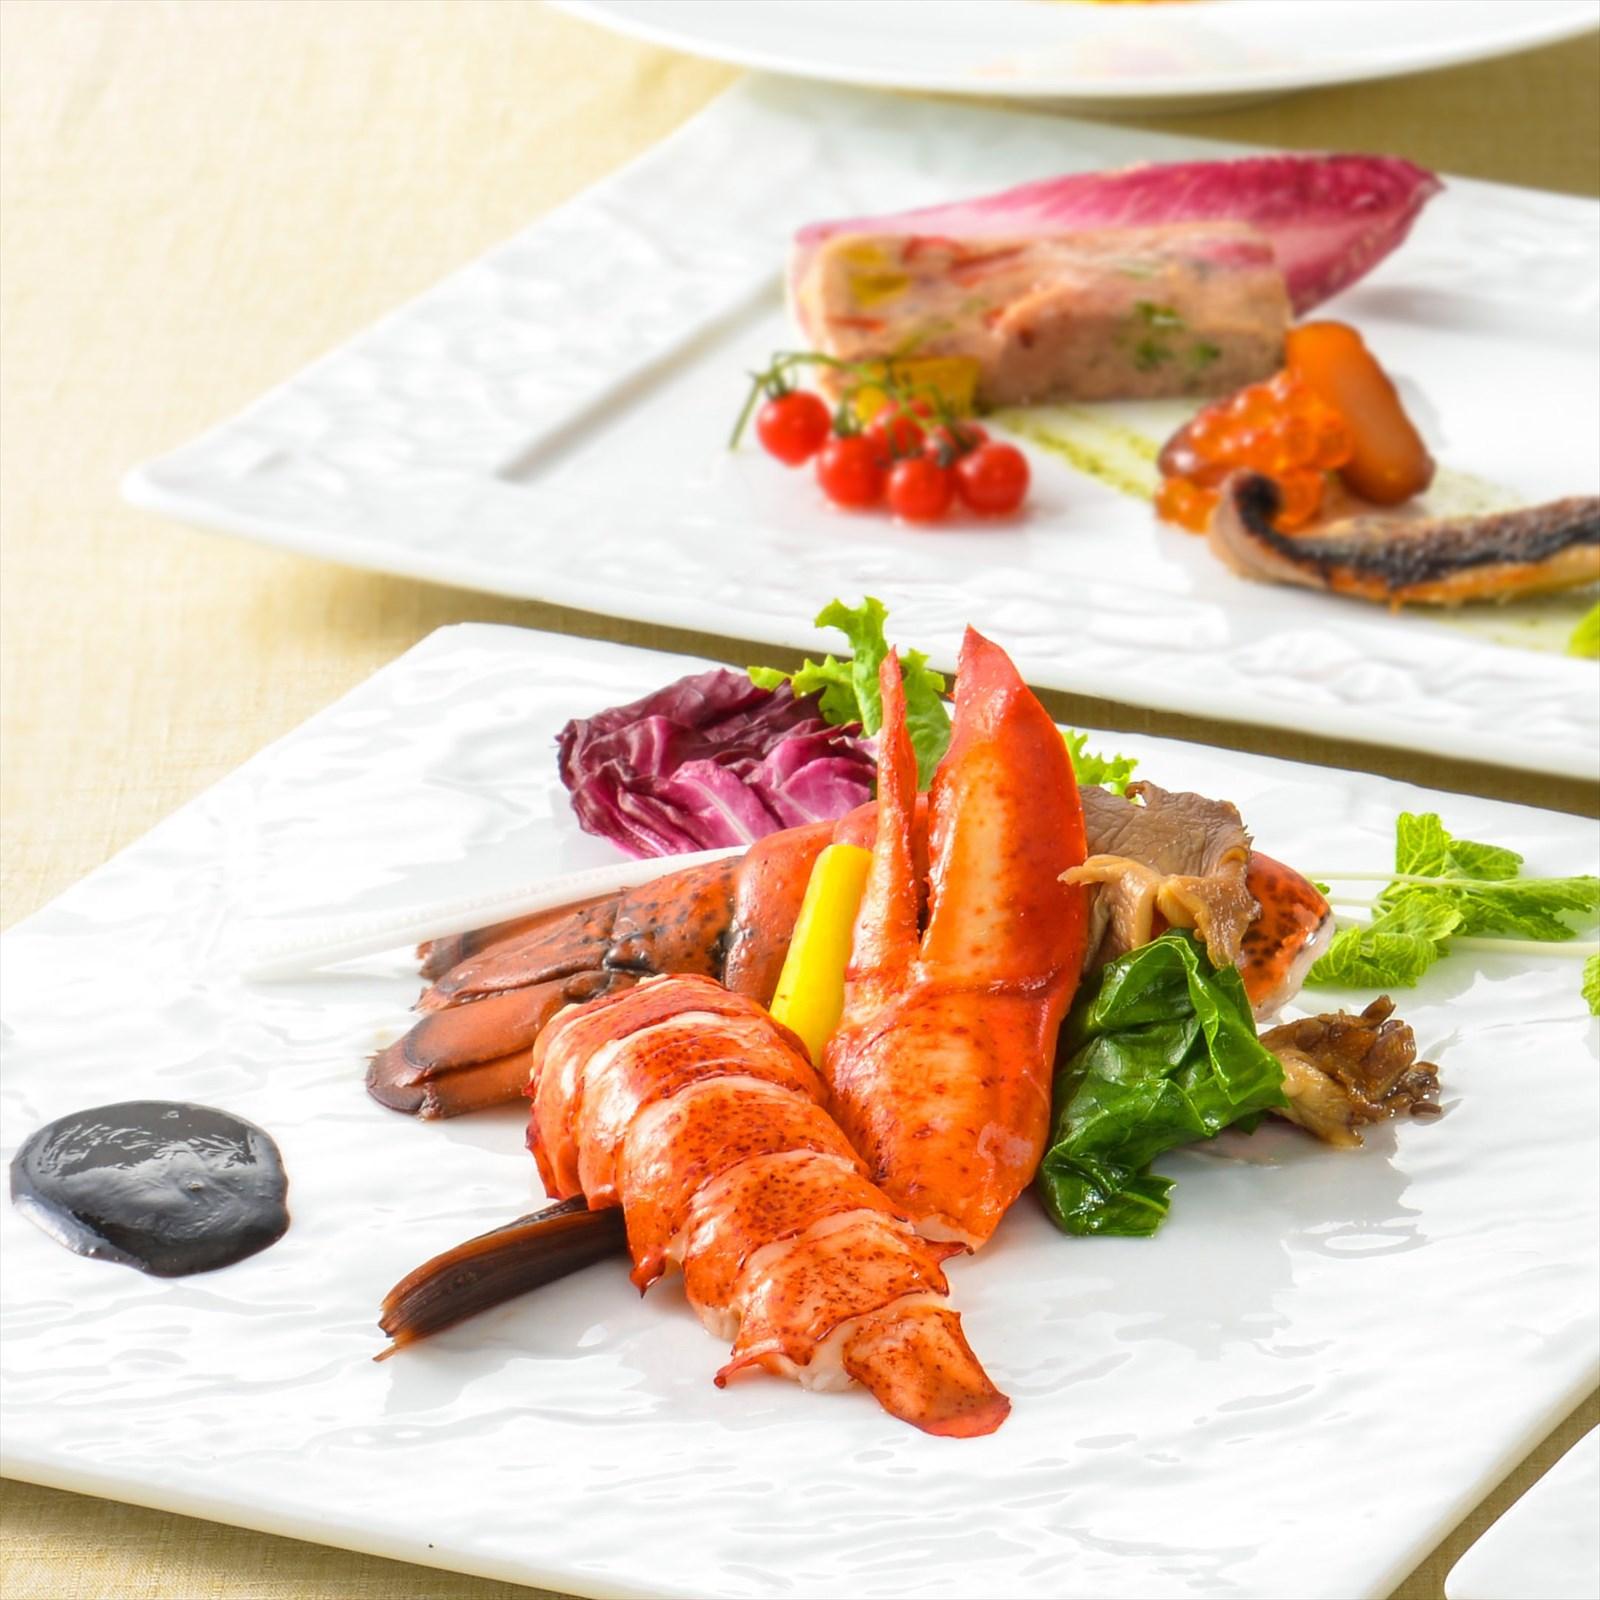 【夕食・朝食付】オマール海老のロティにミルクフェッド仔牛のタンと地野菜のおすすめコース|2月まで